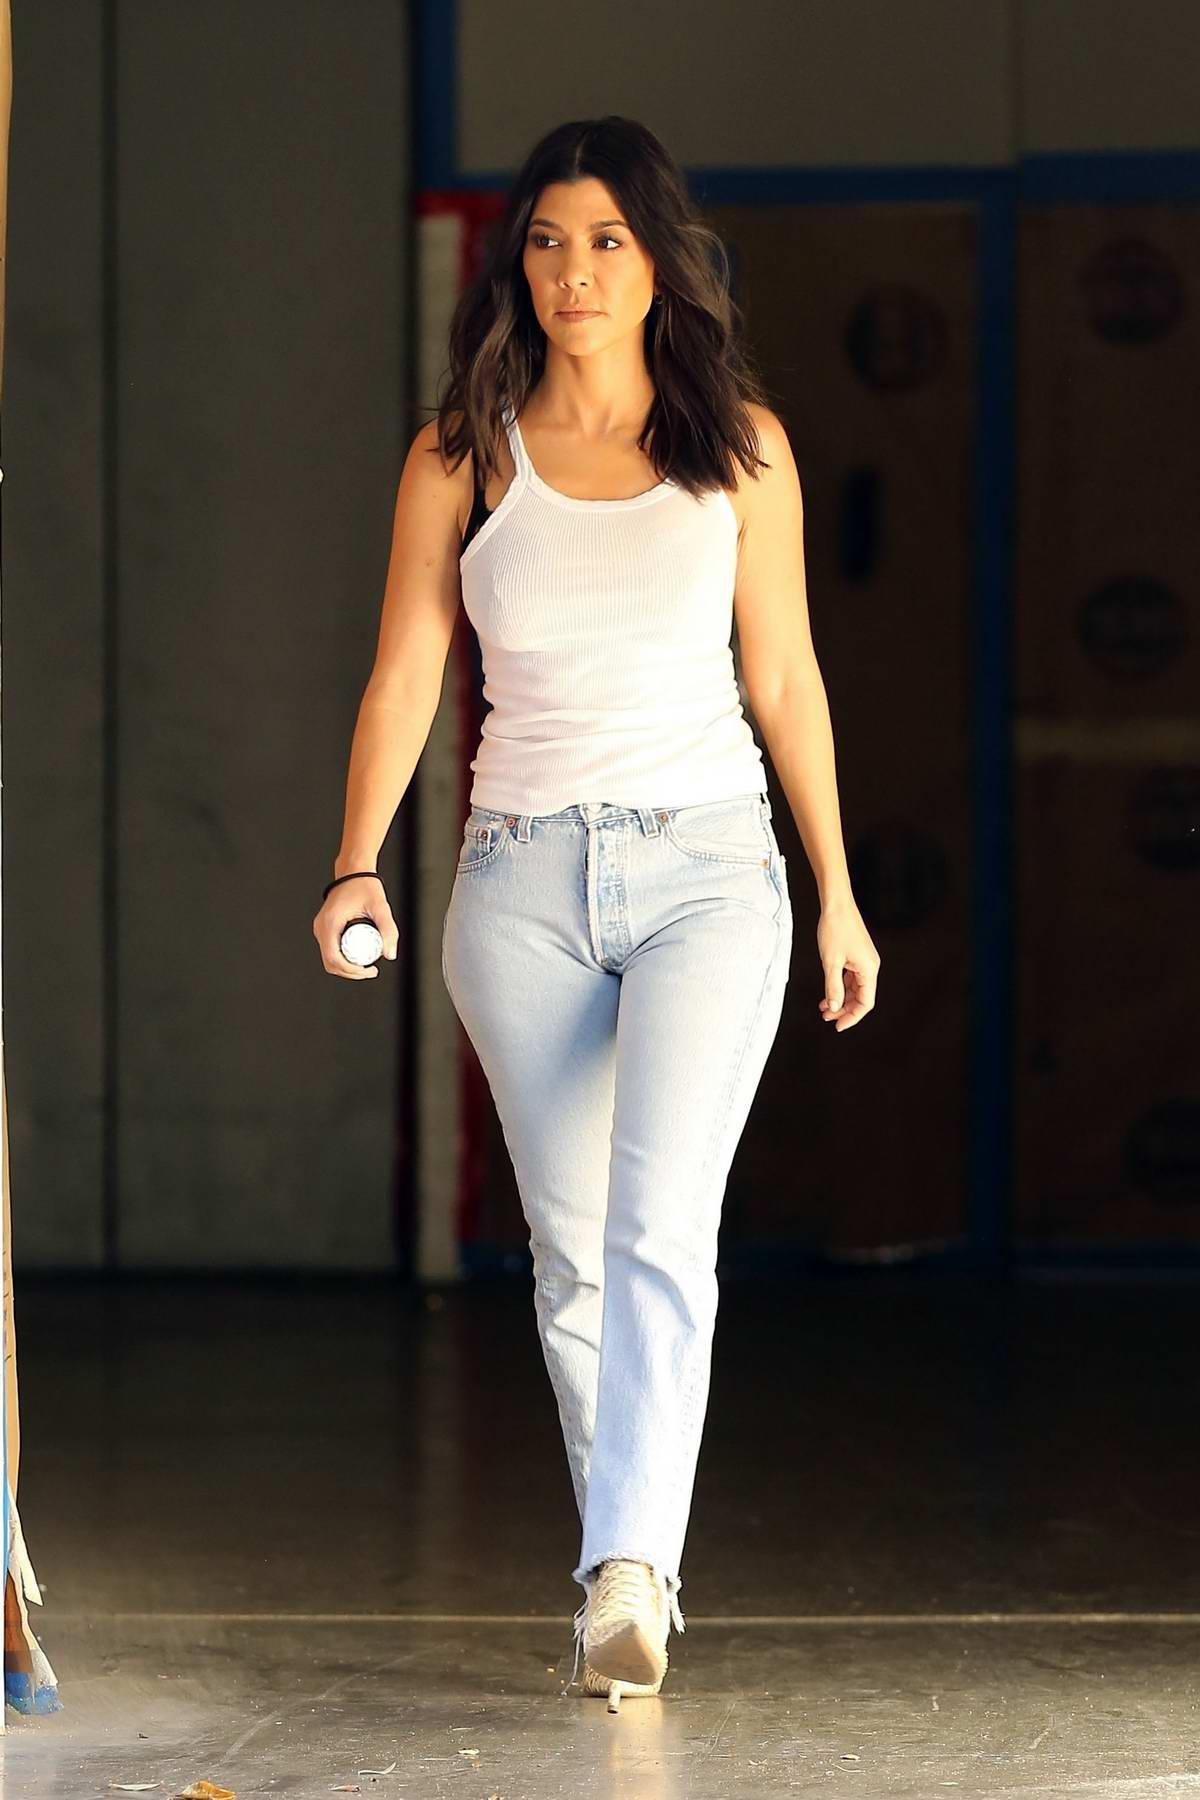 Kourtney Kardashian visits an office building wearing a white tank, blue jeans in Sherman Oaks, Los Angeles